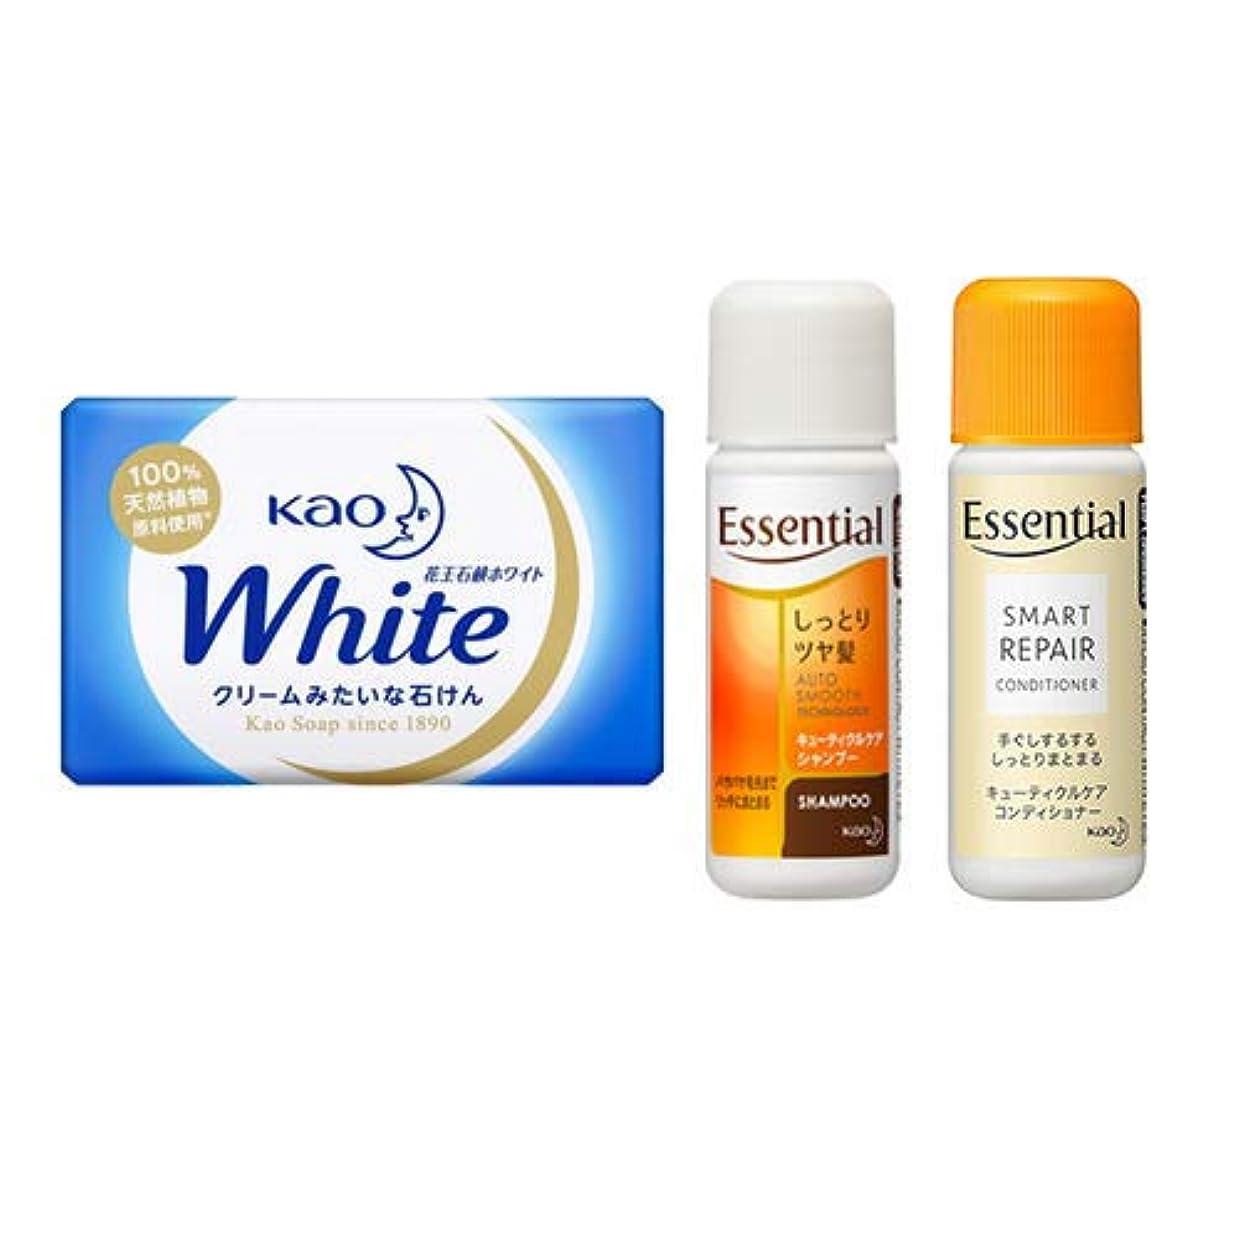 遠えオークランドグレートオーク花王(KAO) 石鹸ホワイト(Kao Soap White) 15g + エッセンシャルシャンプー 16ml + コンディショナー 16ml セット